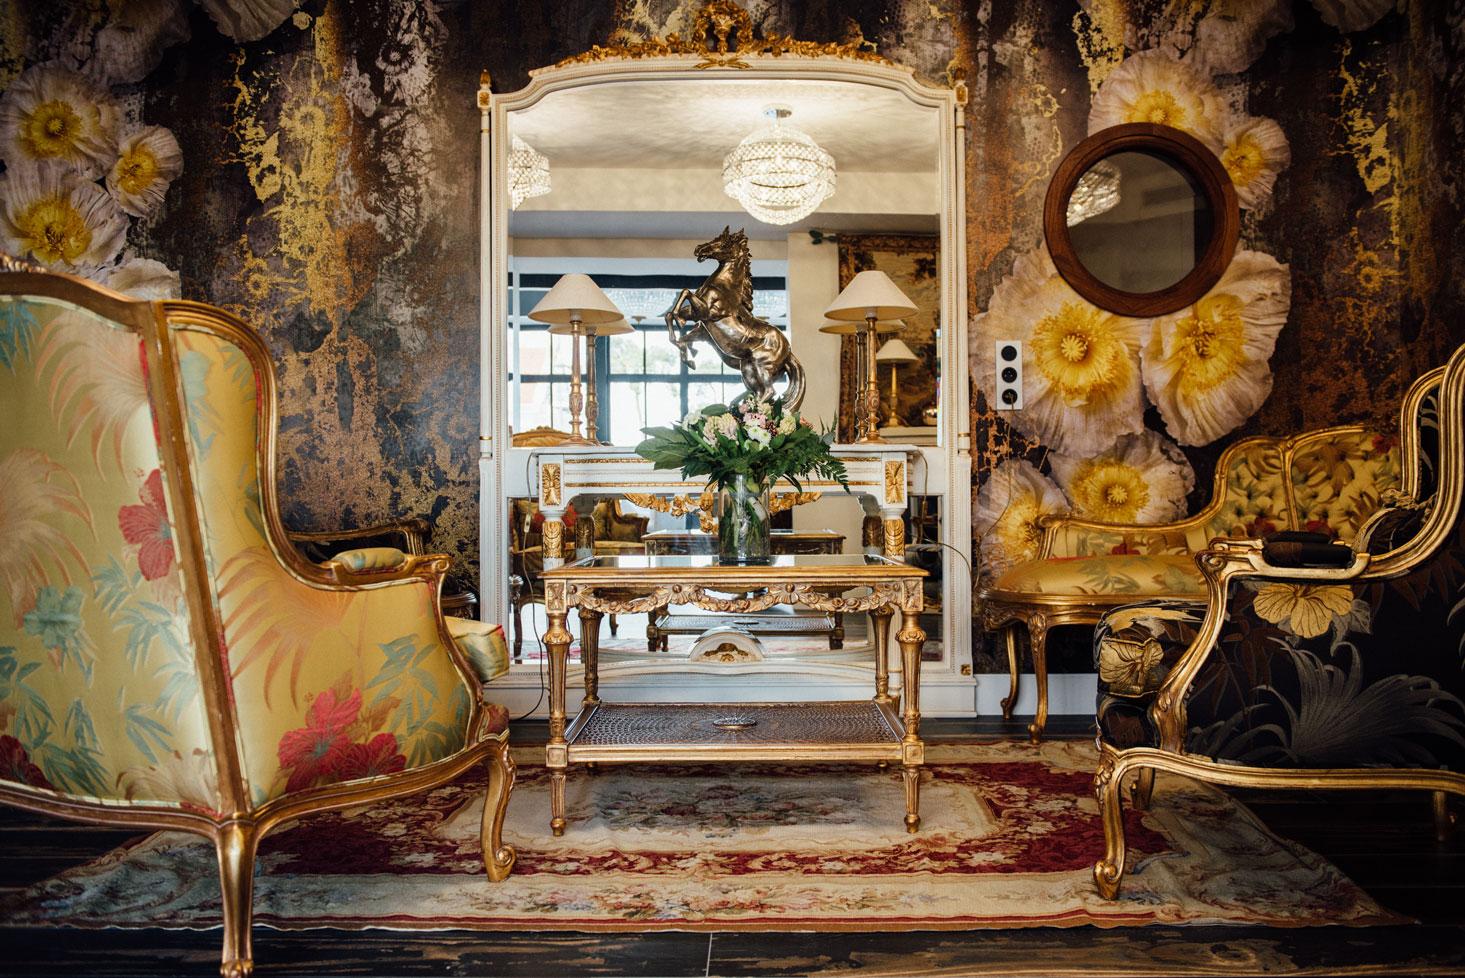 Salle commune, fauteuils, miroir, dorures, plante | Amirauté Hôtel La Baule